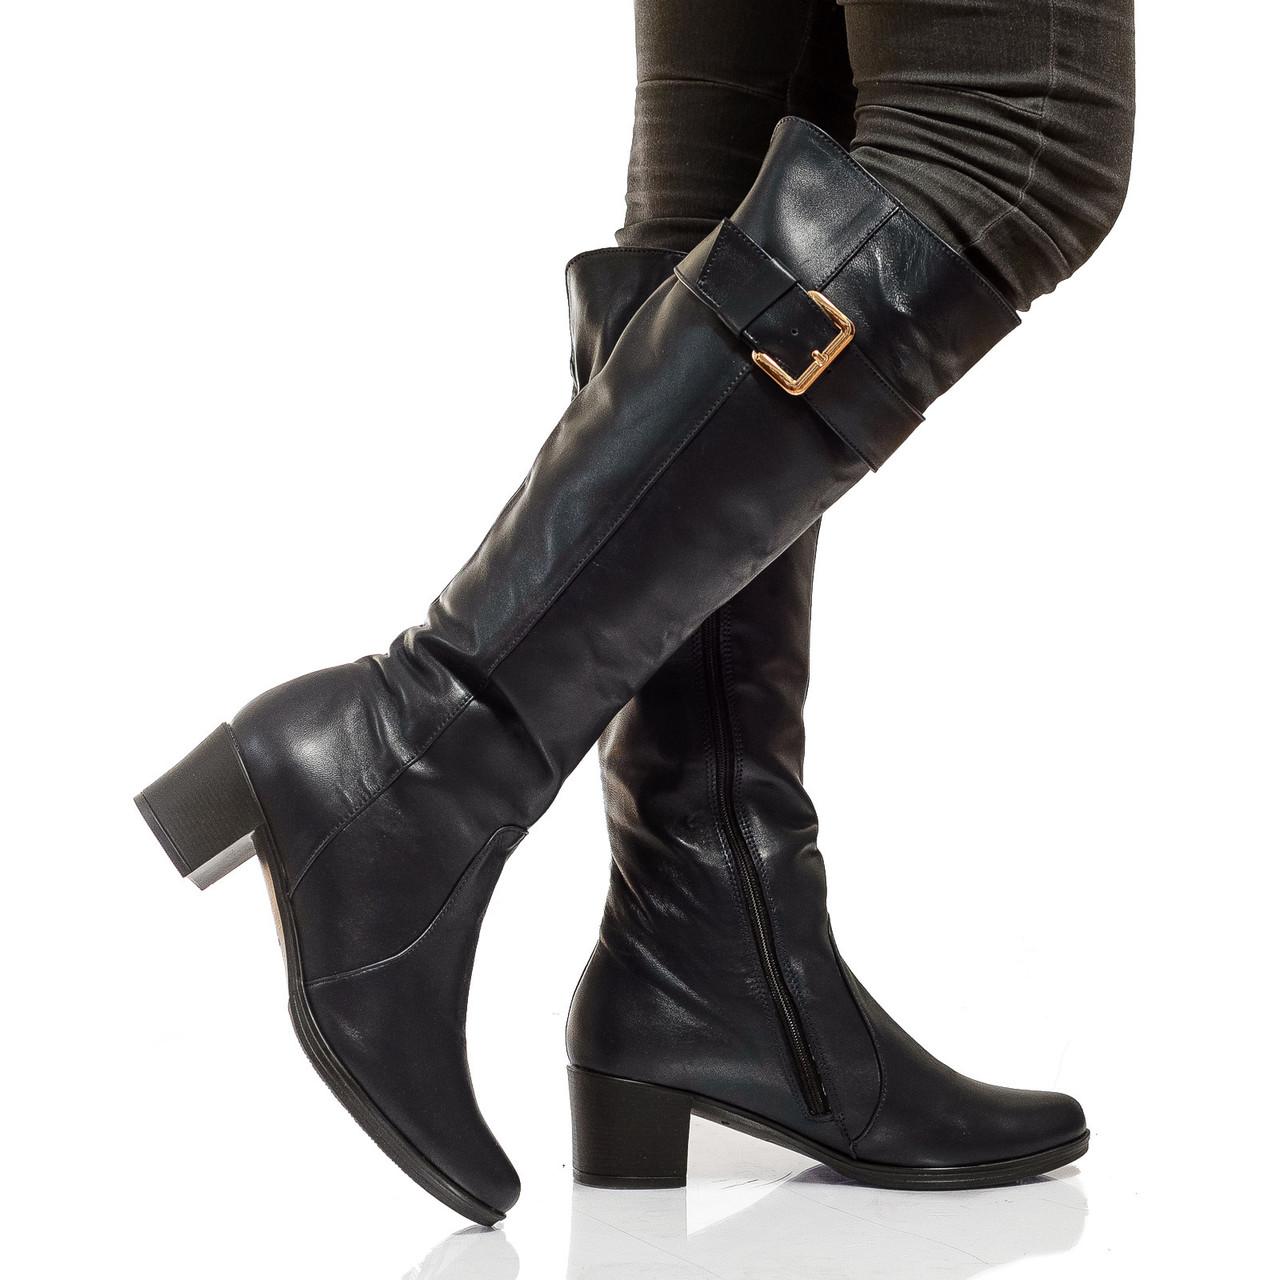 Сапоги высокие на низком каблуке, из натуральной кожи, на молнии. Три цвета! Размеры 36-41 модель S2404